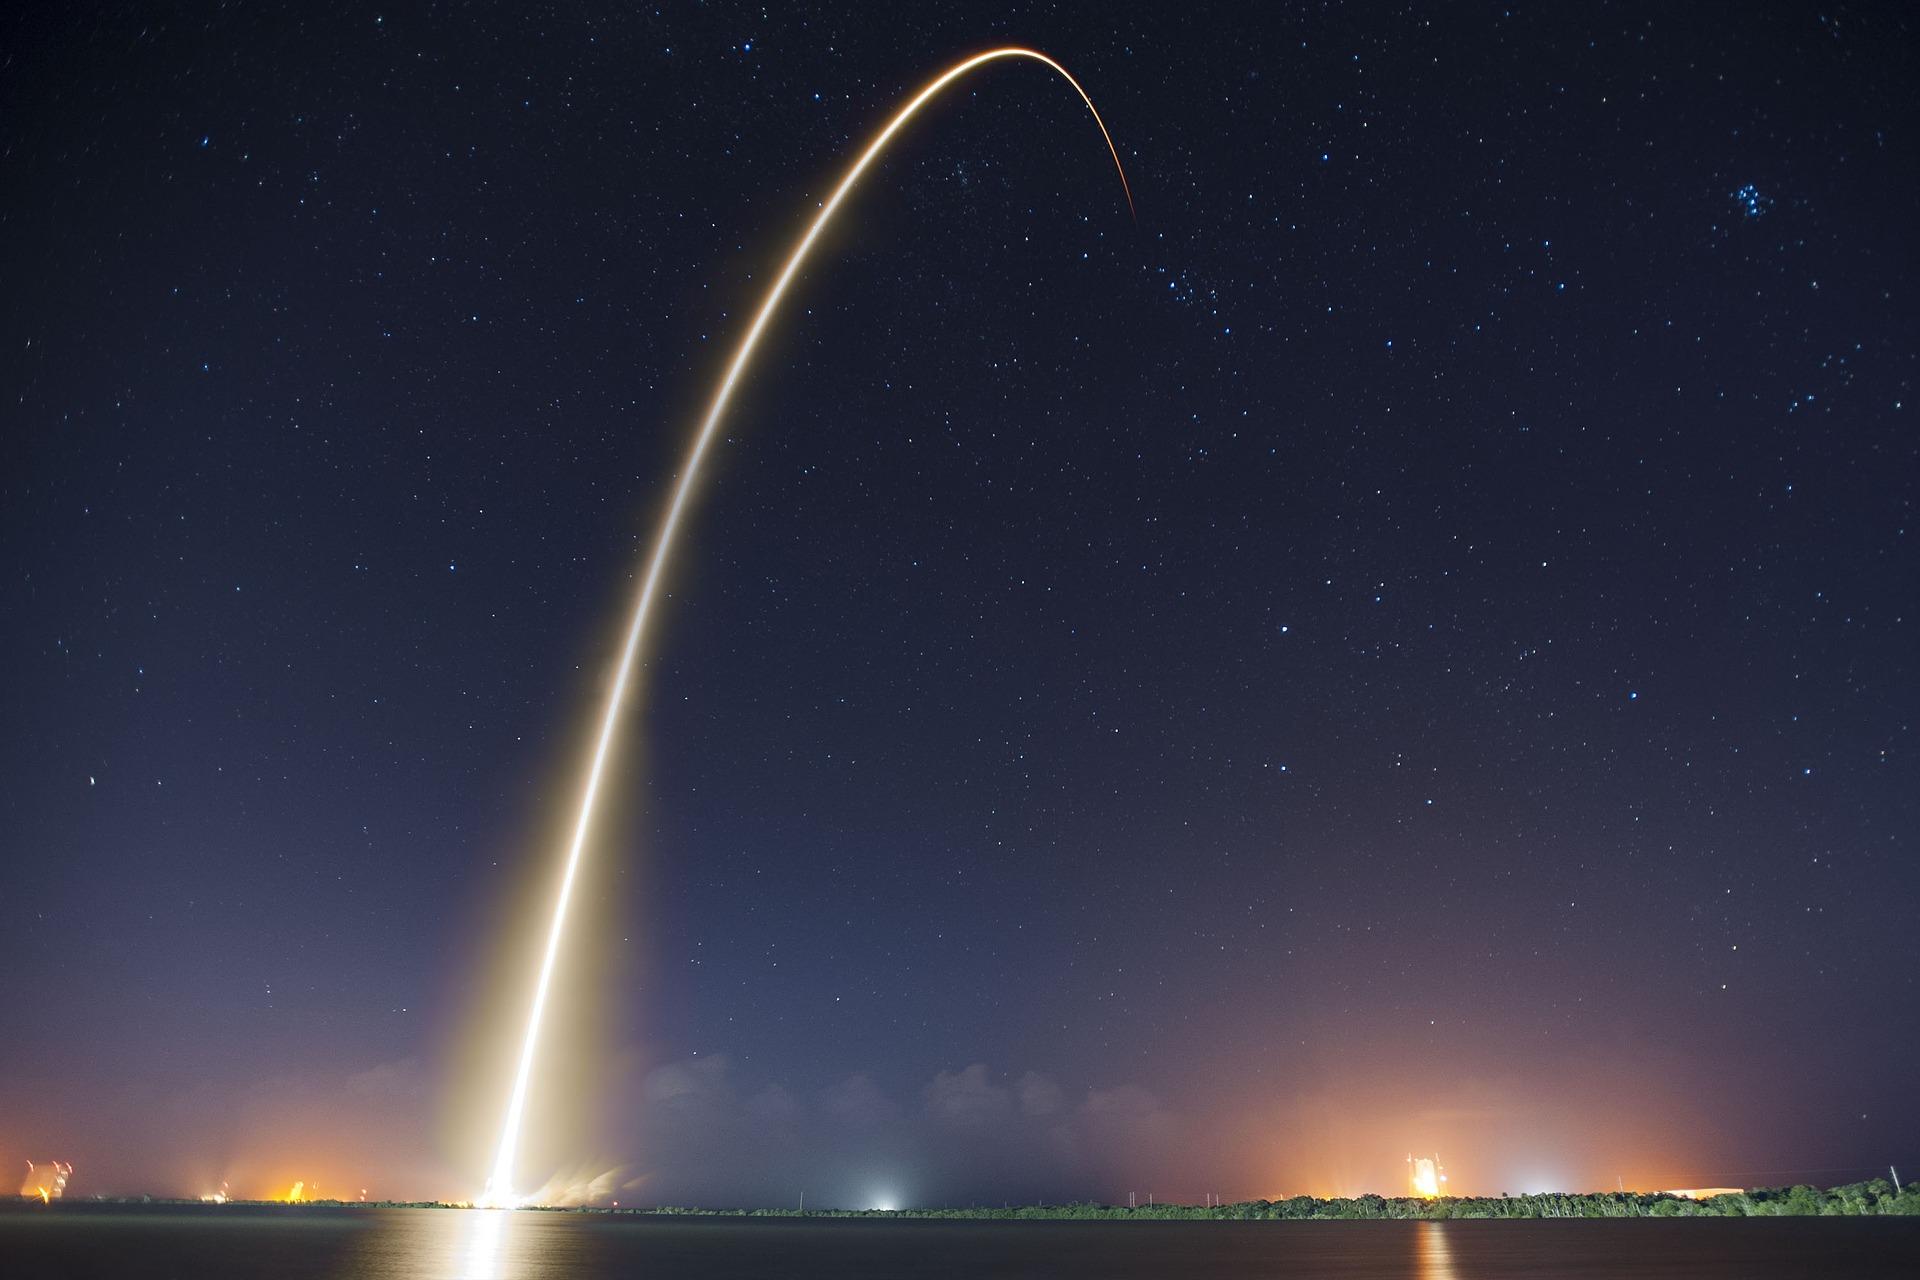 rocket-launch-693215_1920.jpg